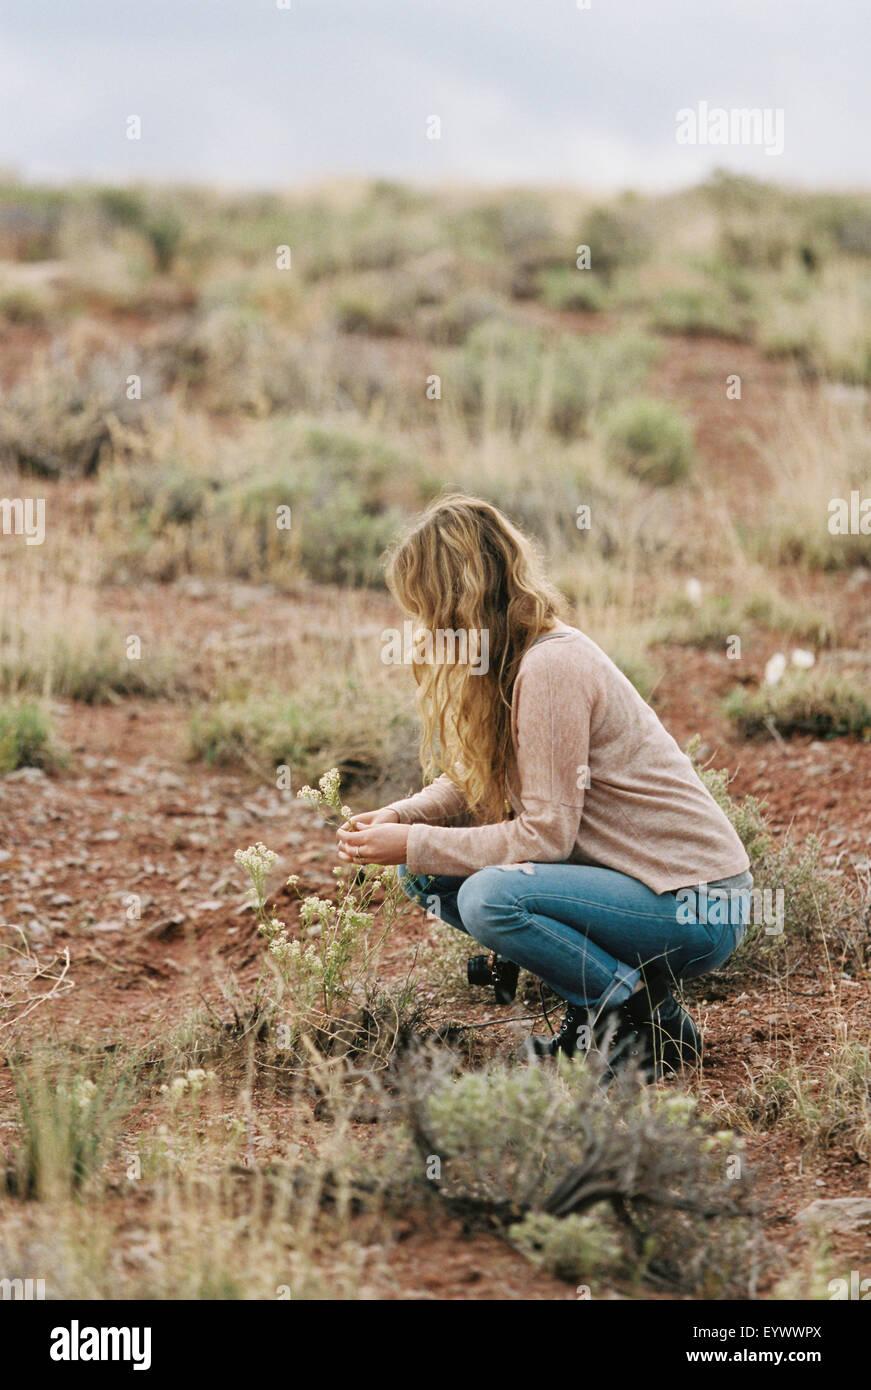 Mujer arrodillada en un desierto, recogiendo flores silvestres. Imagen De Stock